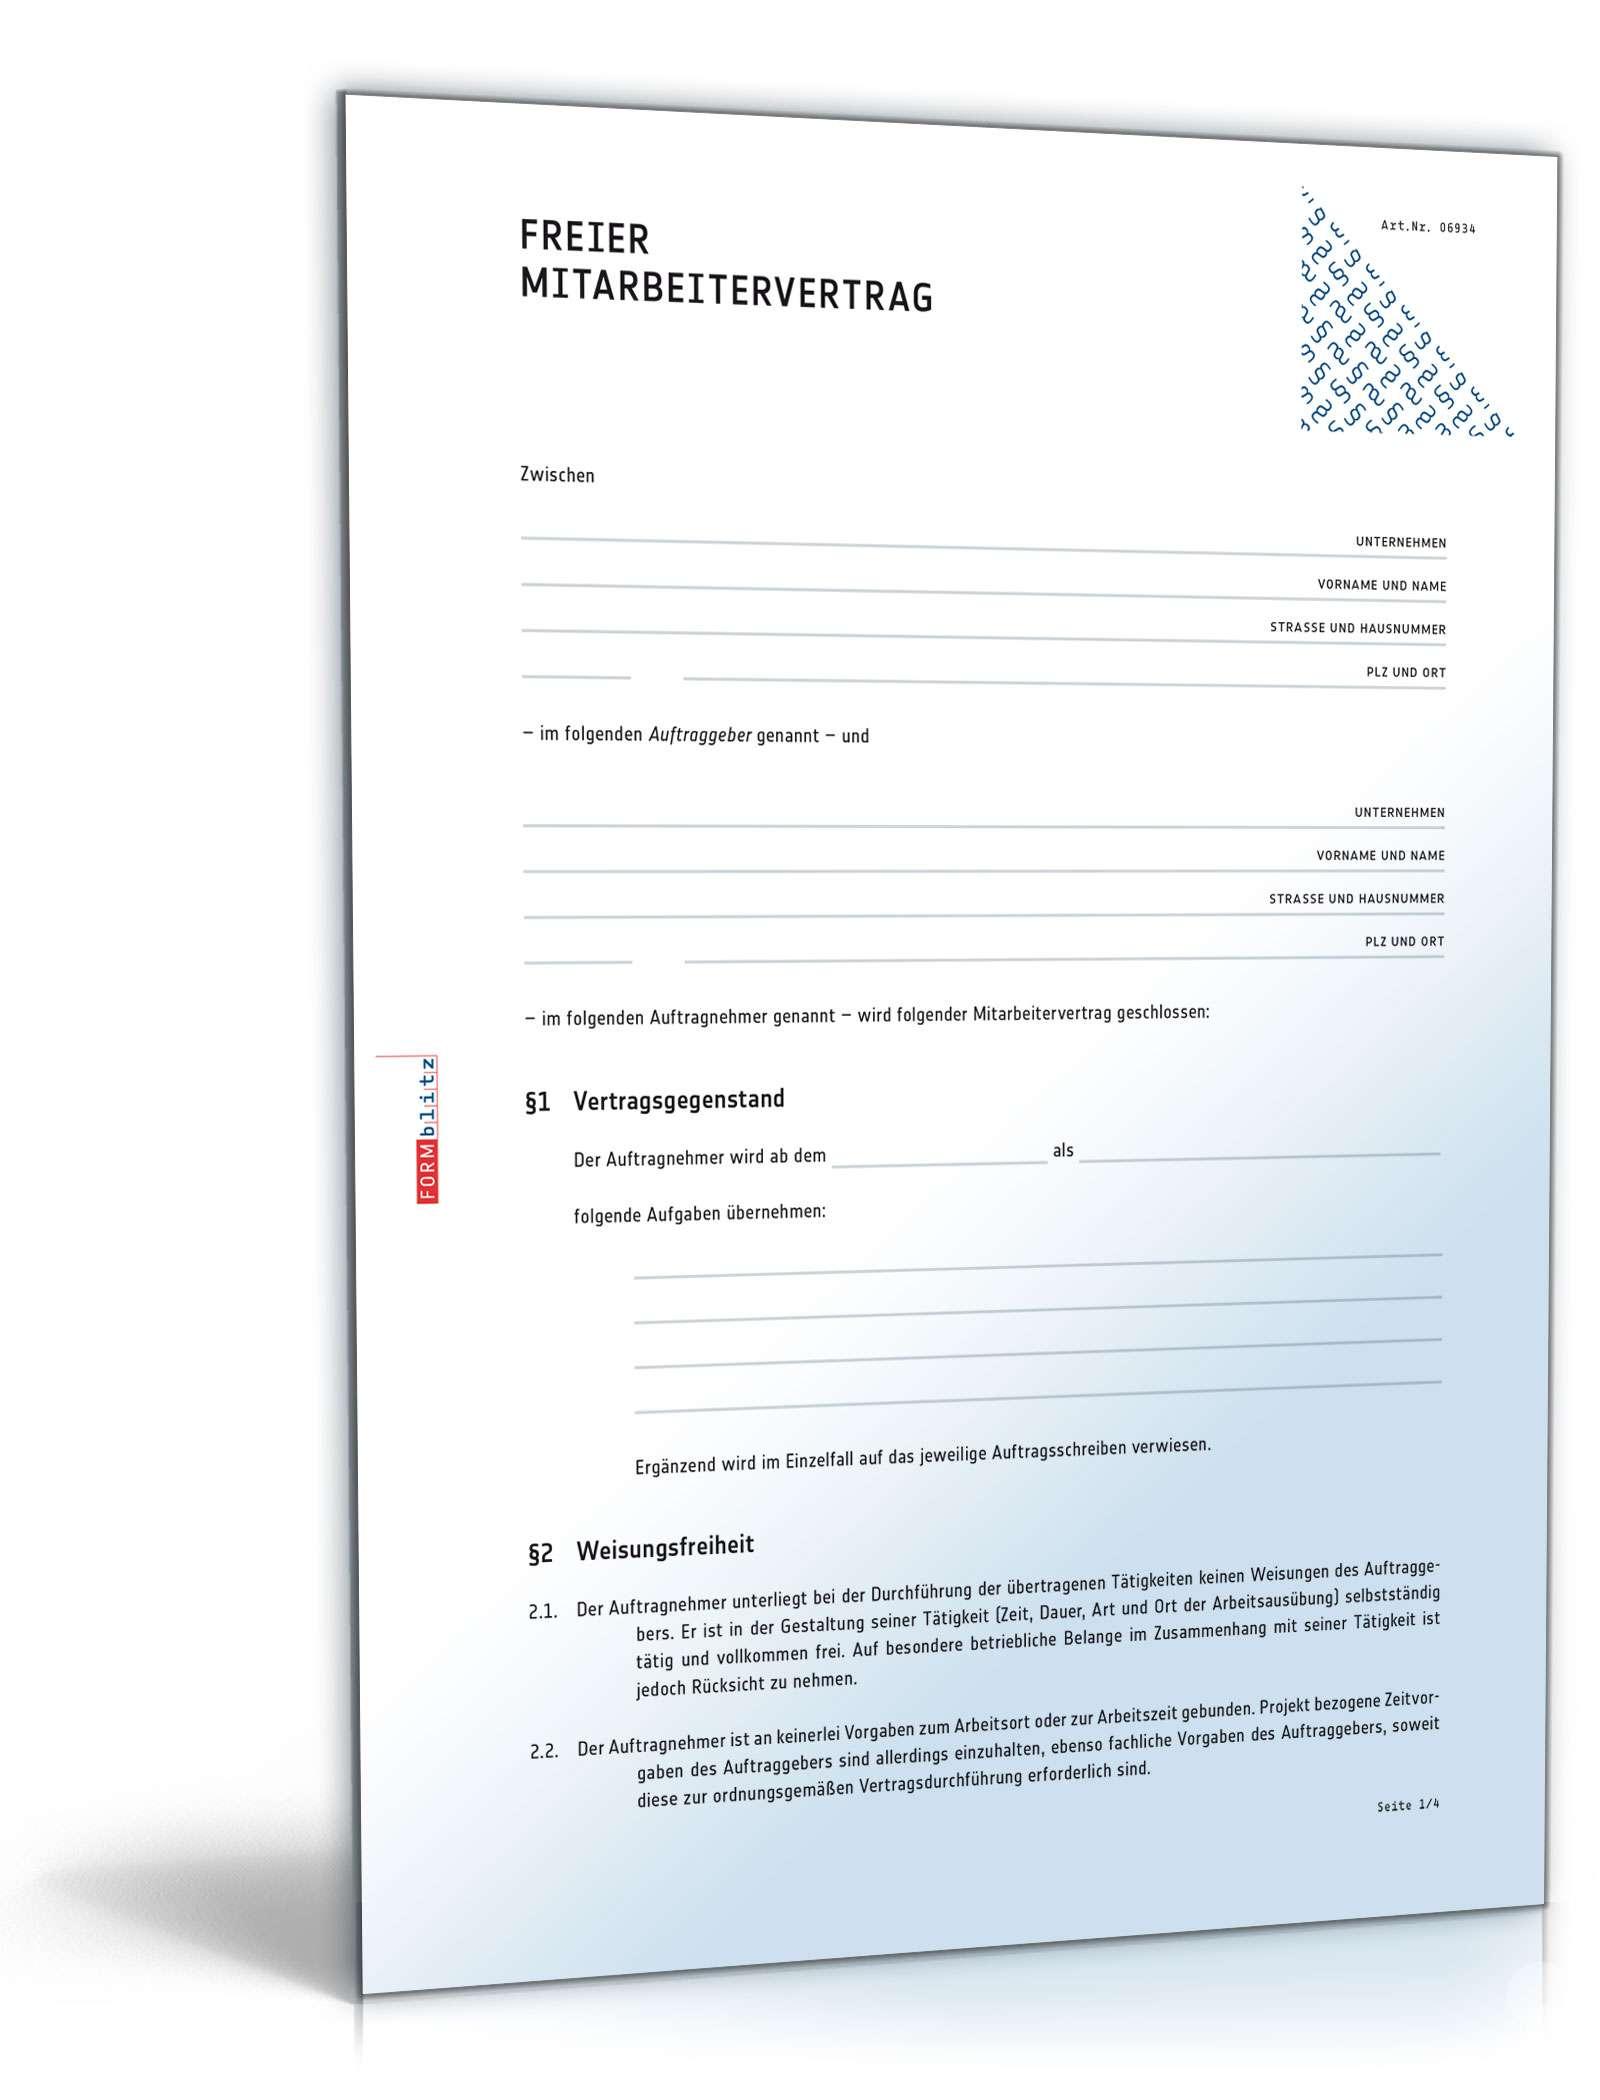 Vertrag über freie Mitarbeit - Muster-Vorlage zum Download